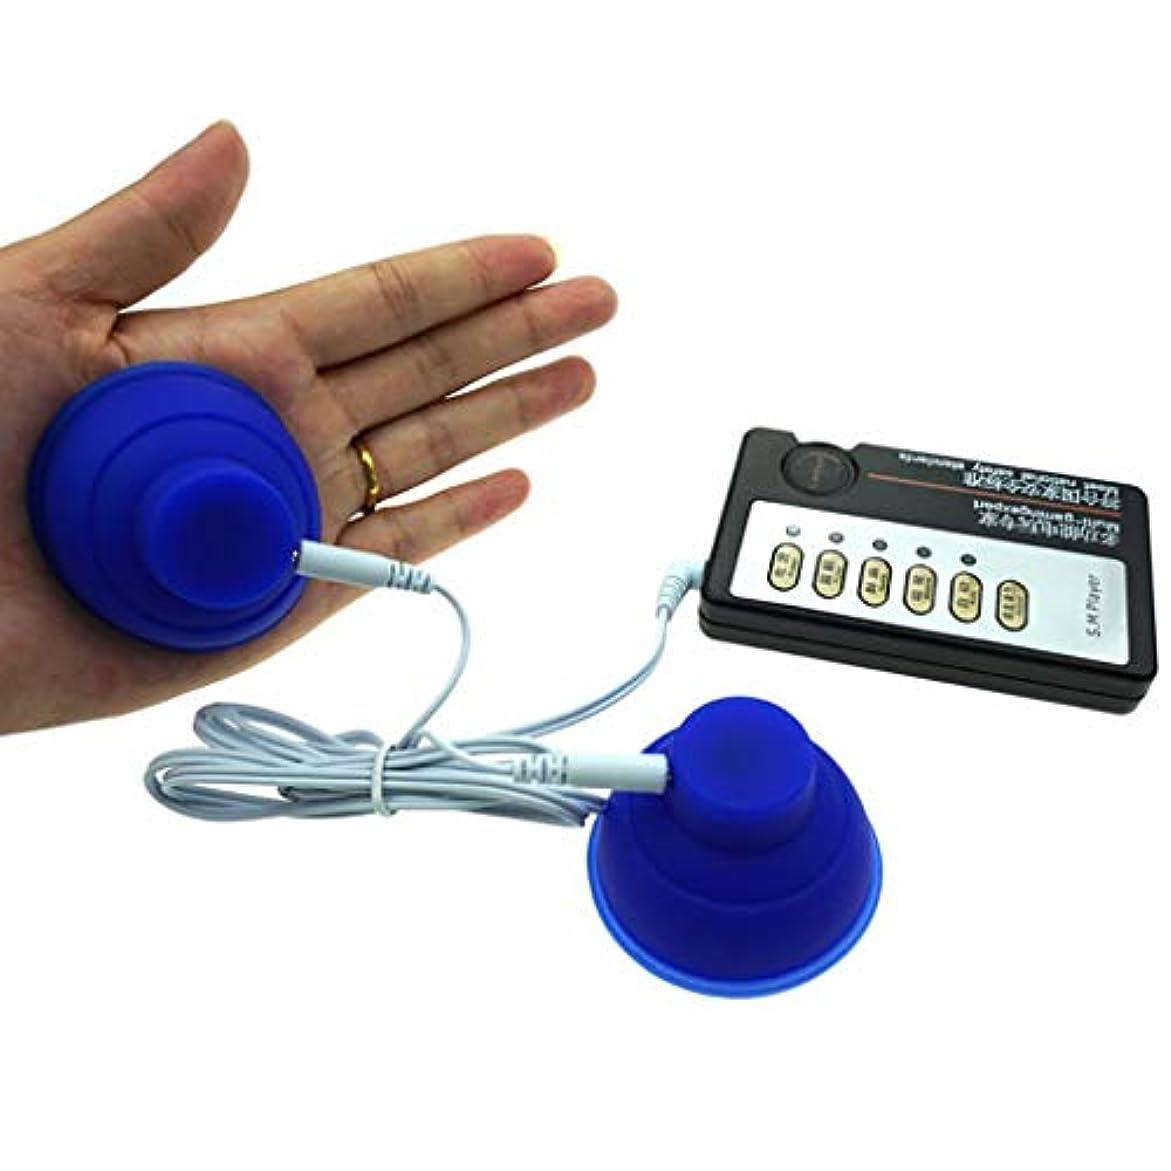 羊飼いレンダー多様性電気刺激 大人のおもちゃ電気刺激性のおもちゃ、電気肛門プラグ、オルガスムオナニー - 電気ショックパルス療法 - マッサージ - 乳房ポンプ - カッピング